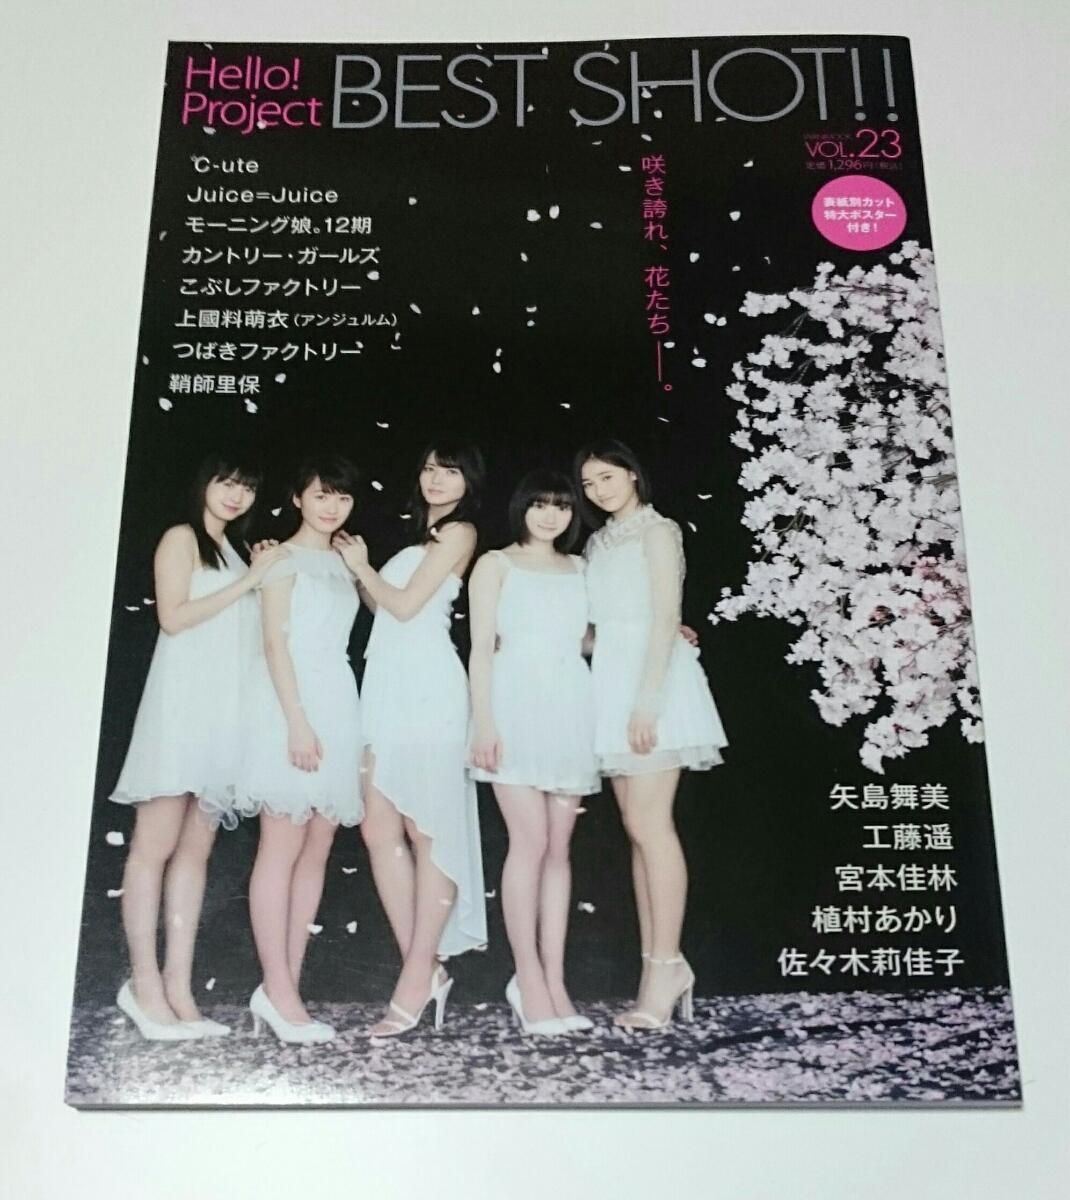 ハロプロ 本 BEST SHOT vol.23 モー娘。 ℃-ute Juice=Juice など